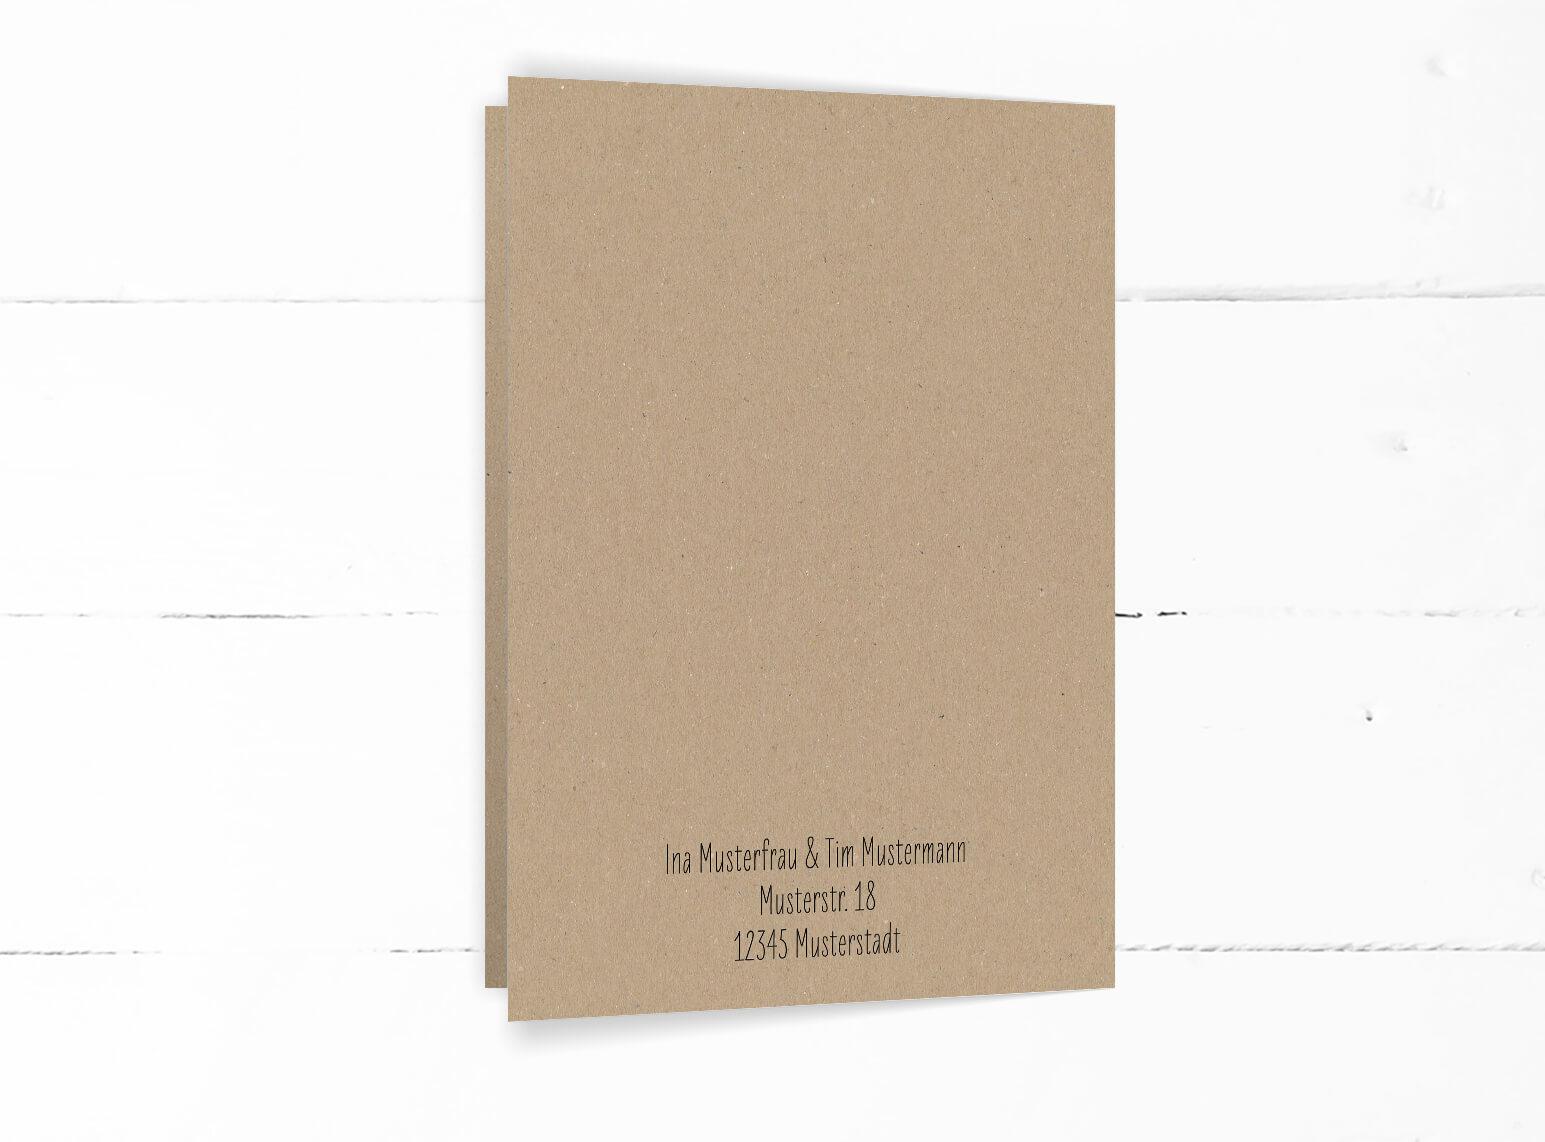 Hochzeit, Einladung, echtes Kraftpapier, schwarze Kalligrafie, DIN C6 Klappkarte, Hochformat, Rückseite